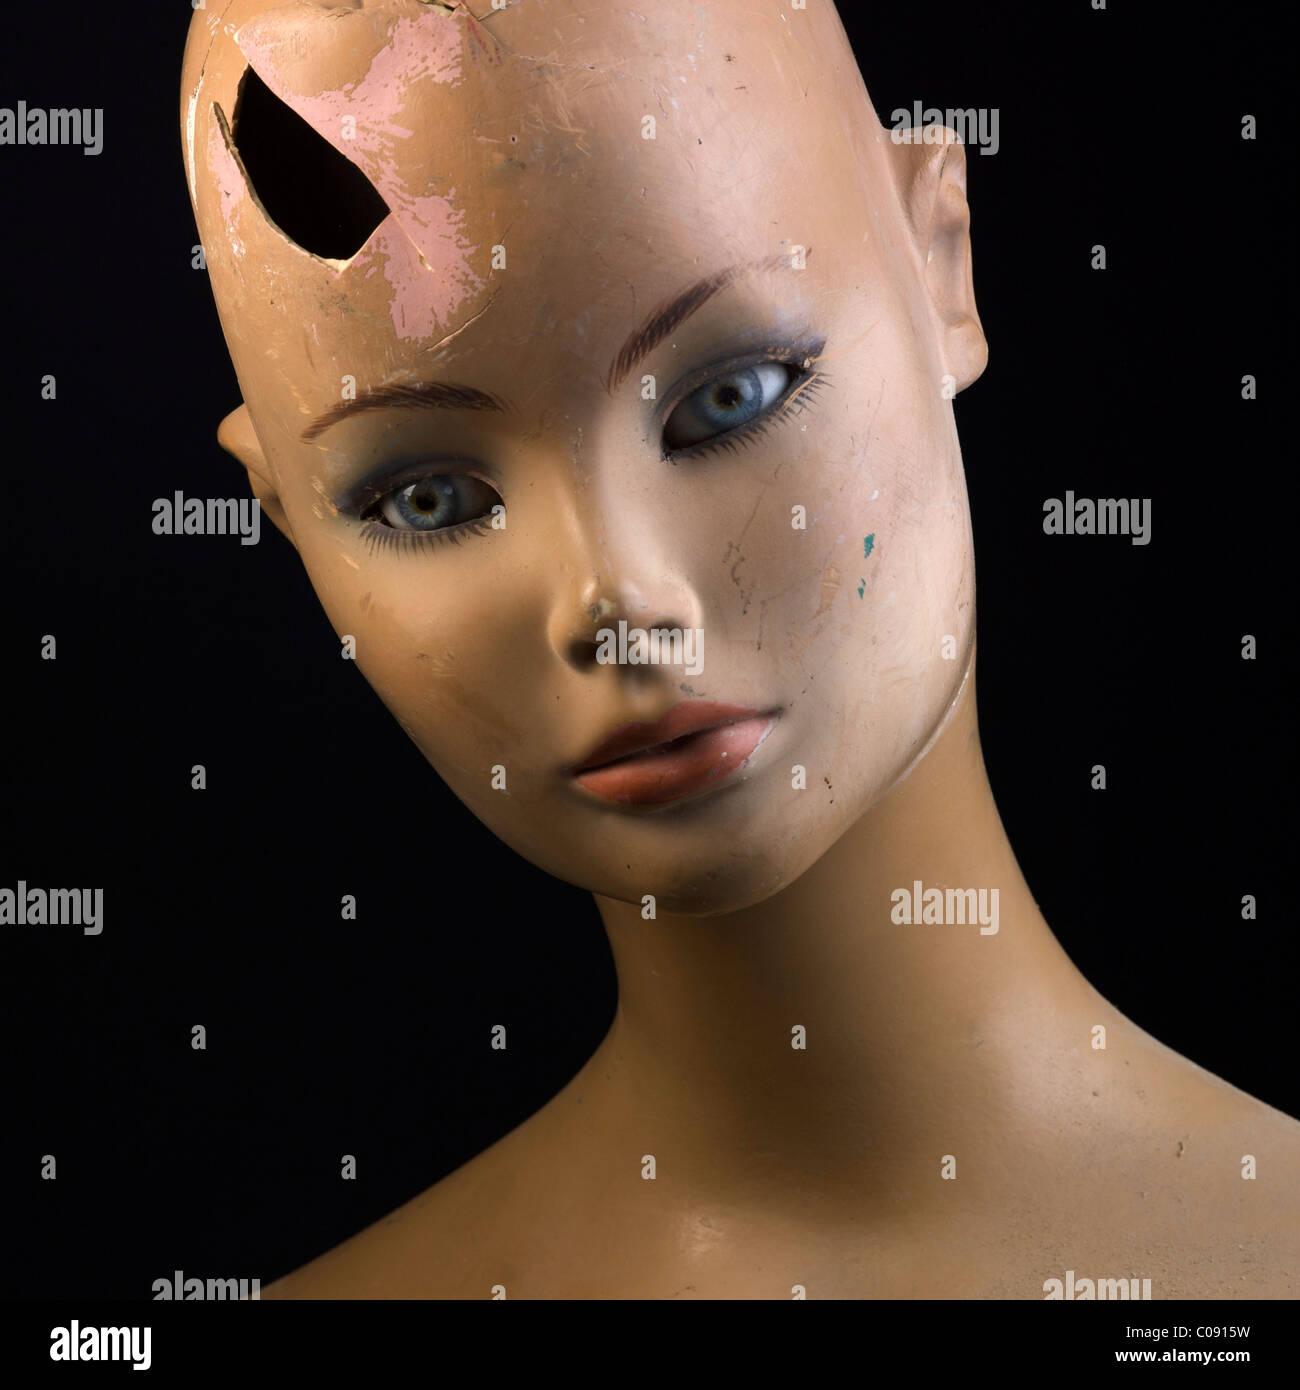 La violencia doméstica contra la mujer concepto - cerca de la cara de mujer rota maniqui Imagen De Stock